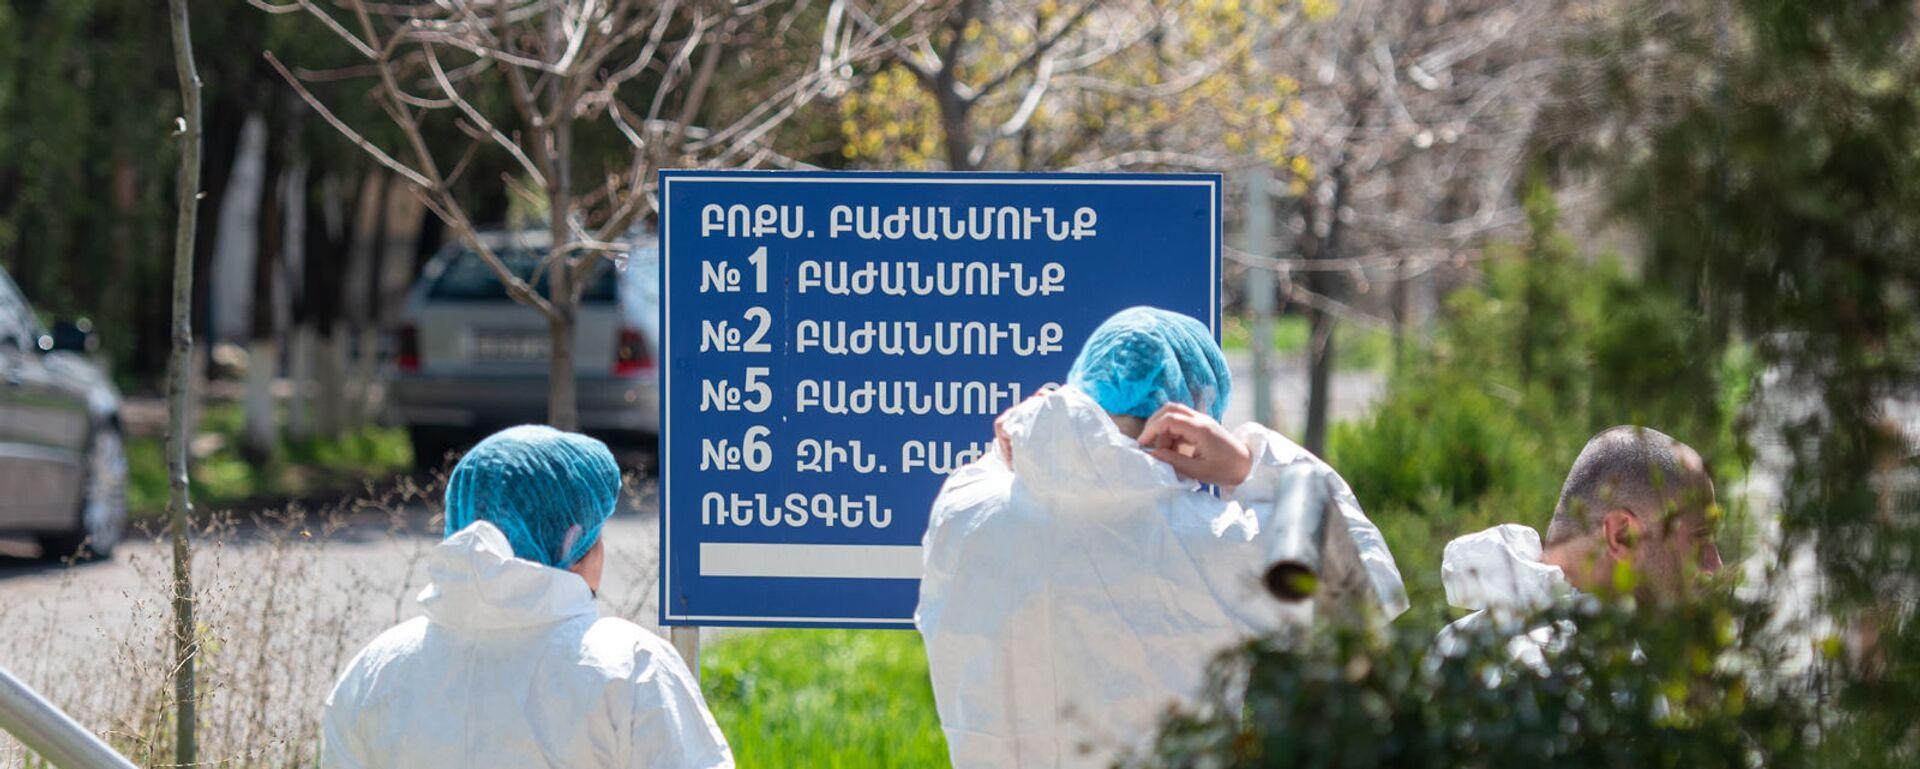 Сотрудники инфекционной больницы Норк около указателя в отделения медцентра - Sputnik Армения, 1920, 07.10.2021